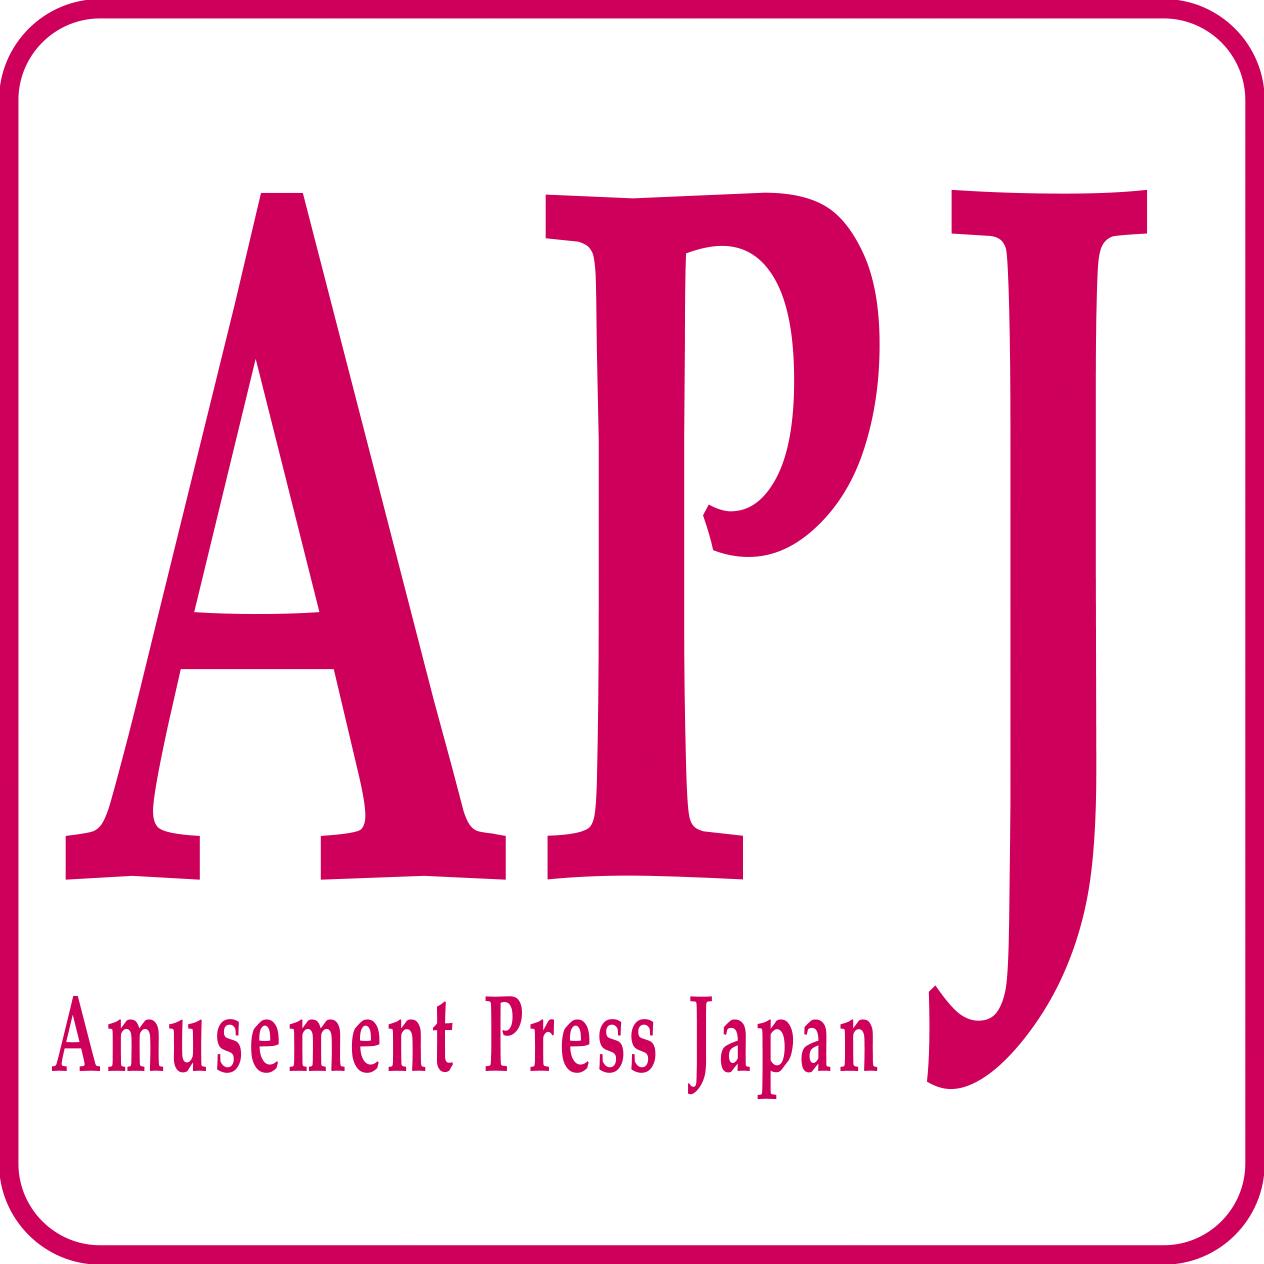 アミューズメントジャパン